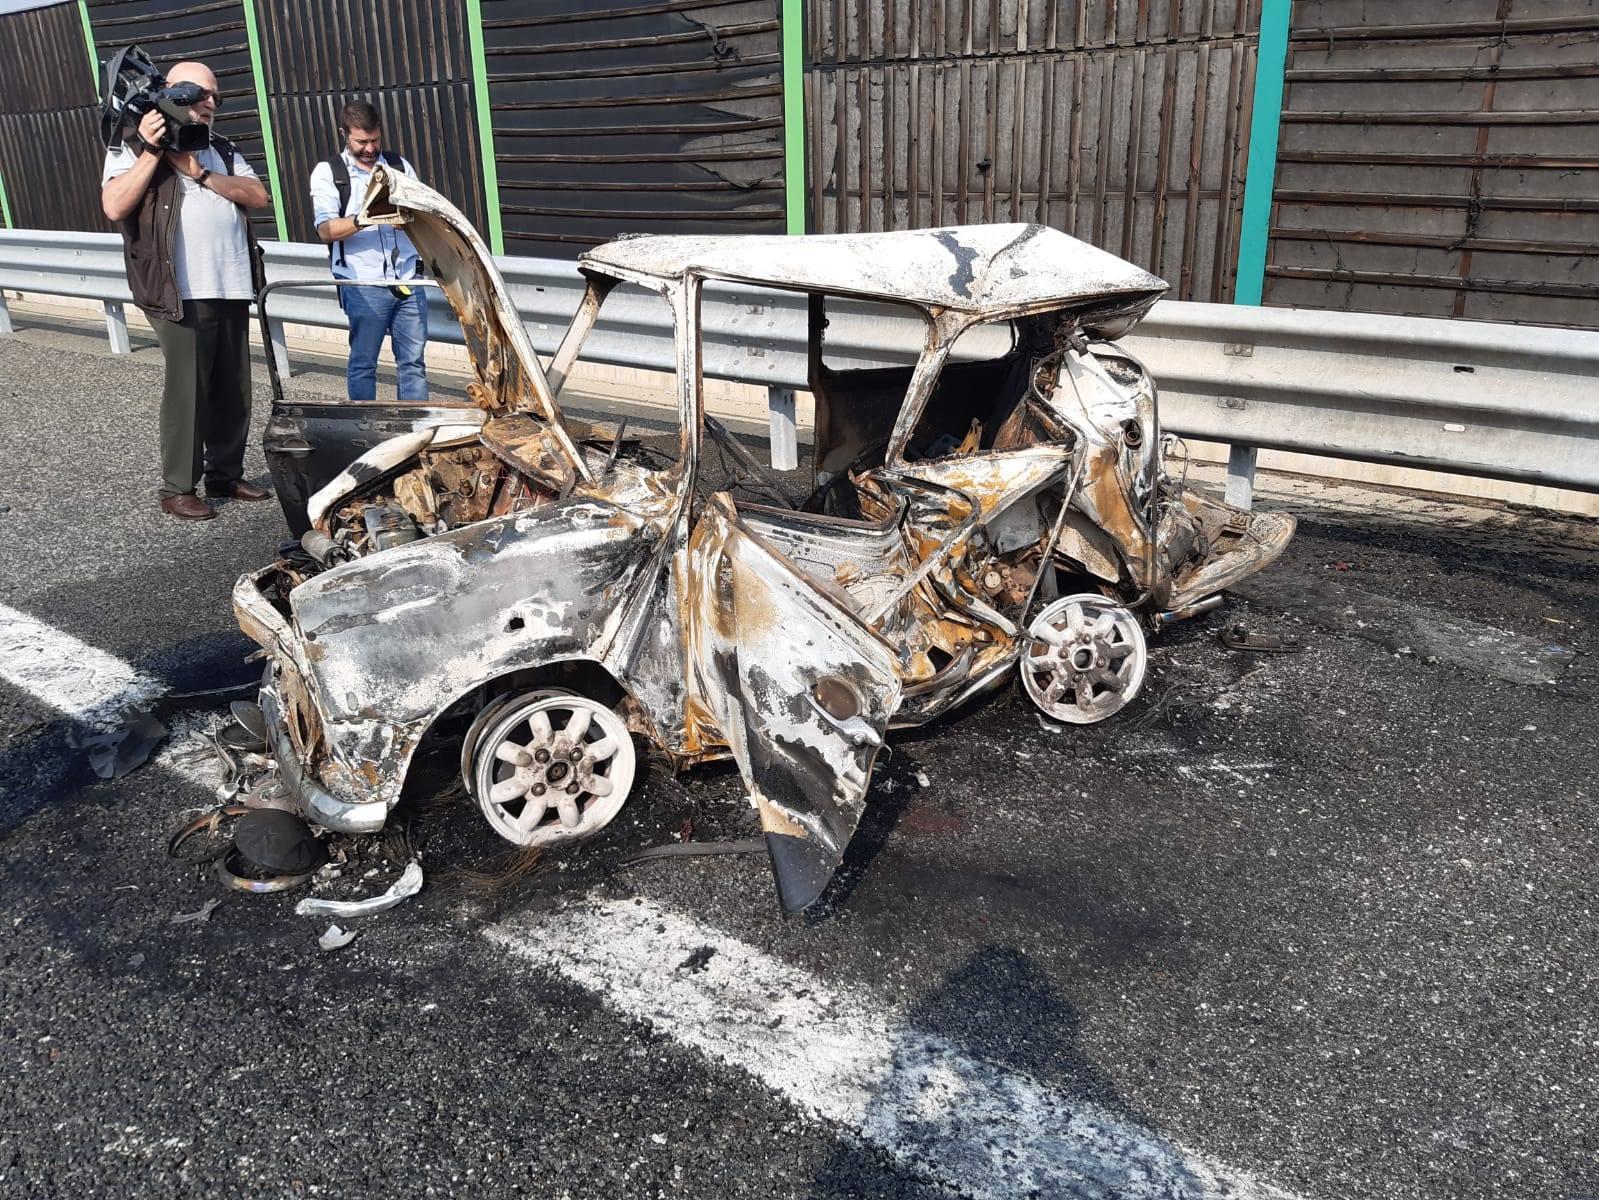 Incidente sulla Torino-Pinerolo, auto in fiamme: morti padre e figlia ...